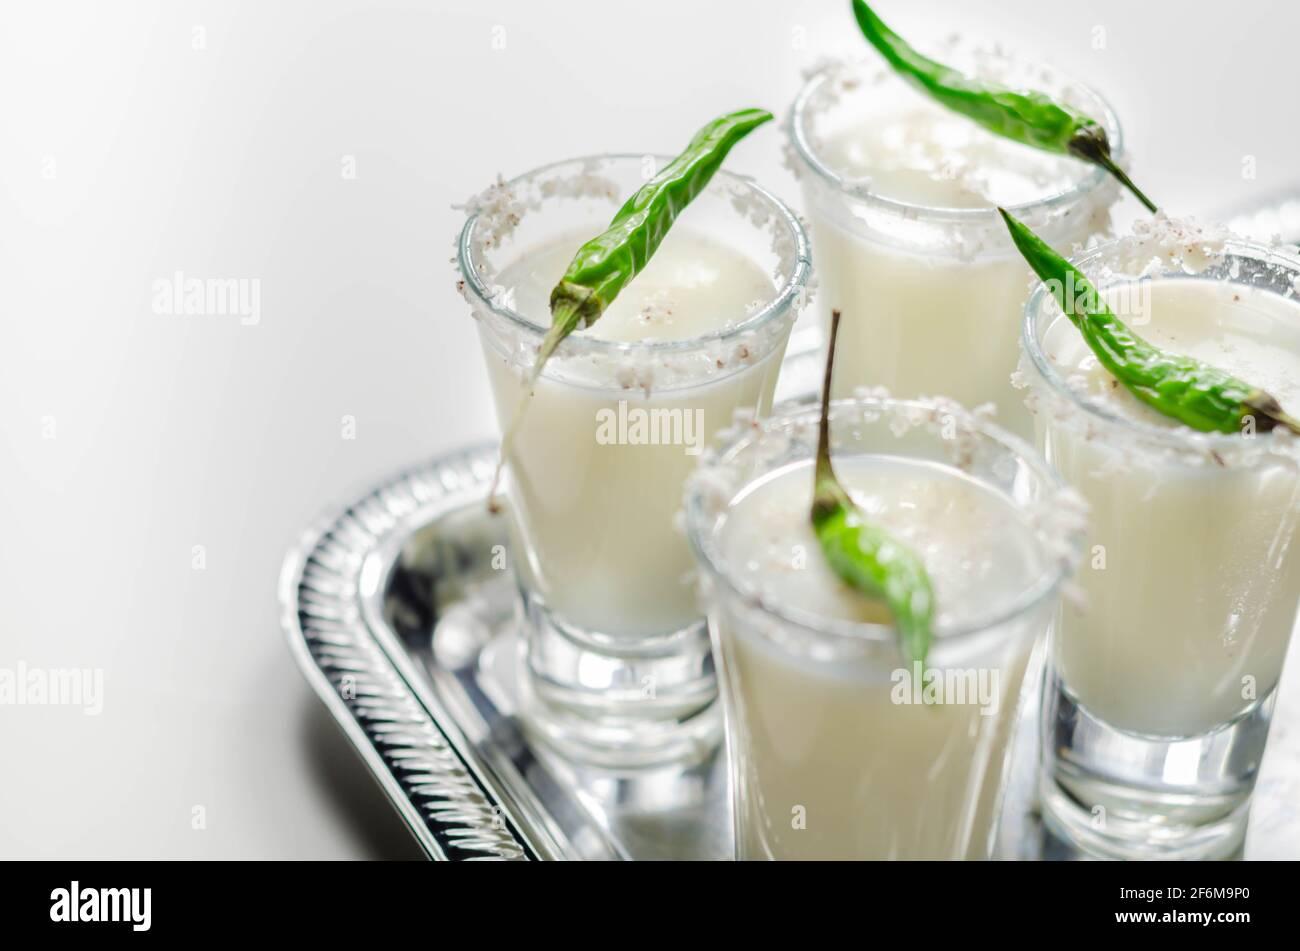 Cocktail de noix de coco en verre à boire décoré de flocons de noix de coco et de piment vert pour les yeux d'oiseaux servi sur un plateau argenté, boissons blanches Banque D'Images